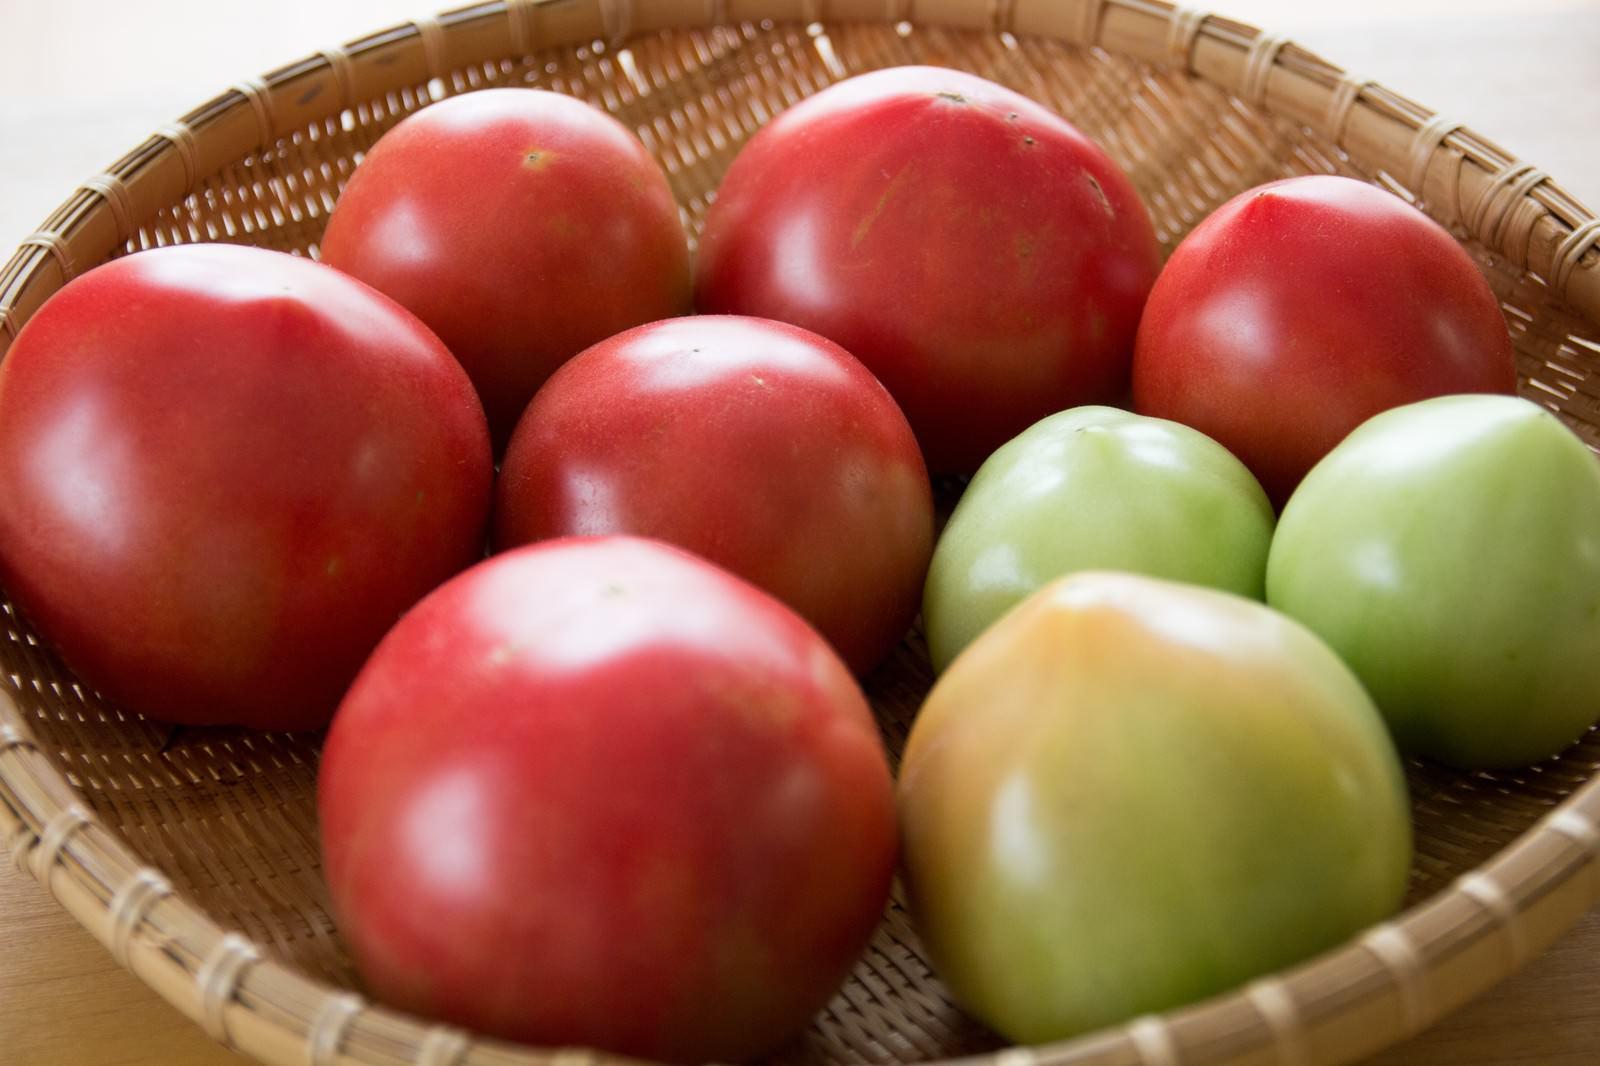 「ザルに入った採れたてのトマトザルに入った採れたてのトマト」のフリー写真素材を拡大